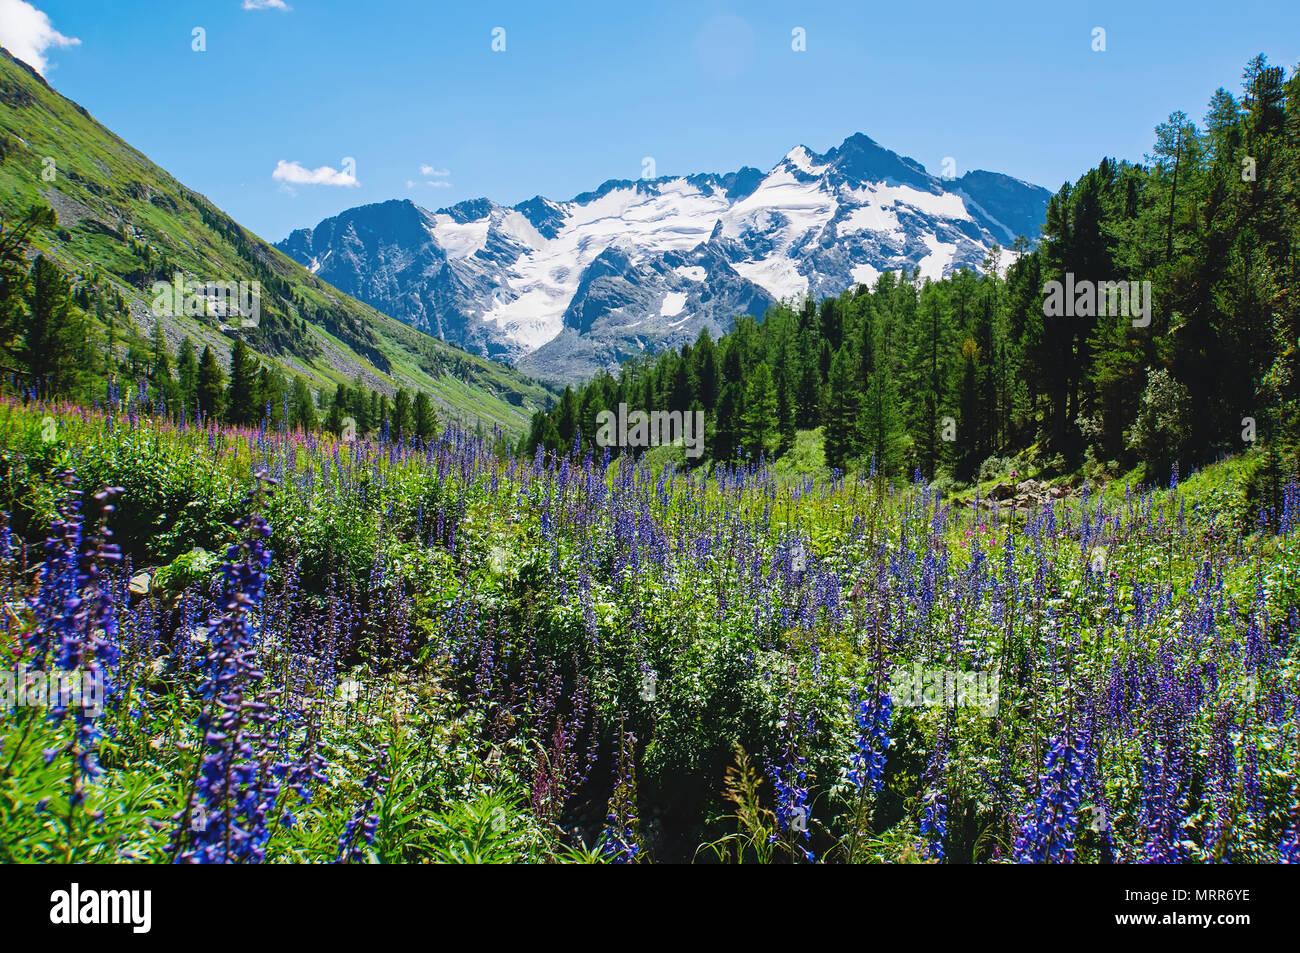 Lupins Fleur Qui S Epanouit Sur Le Magnifique Paysage De Montagnes